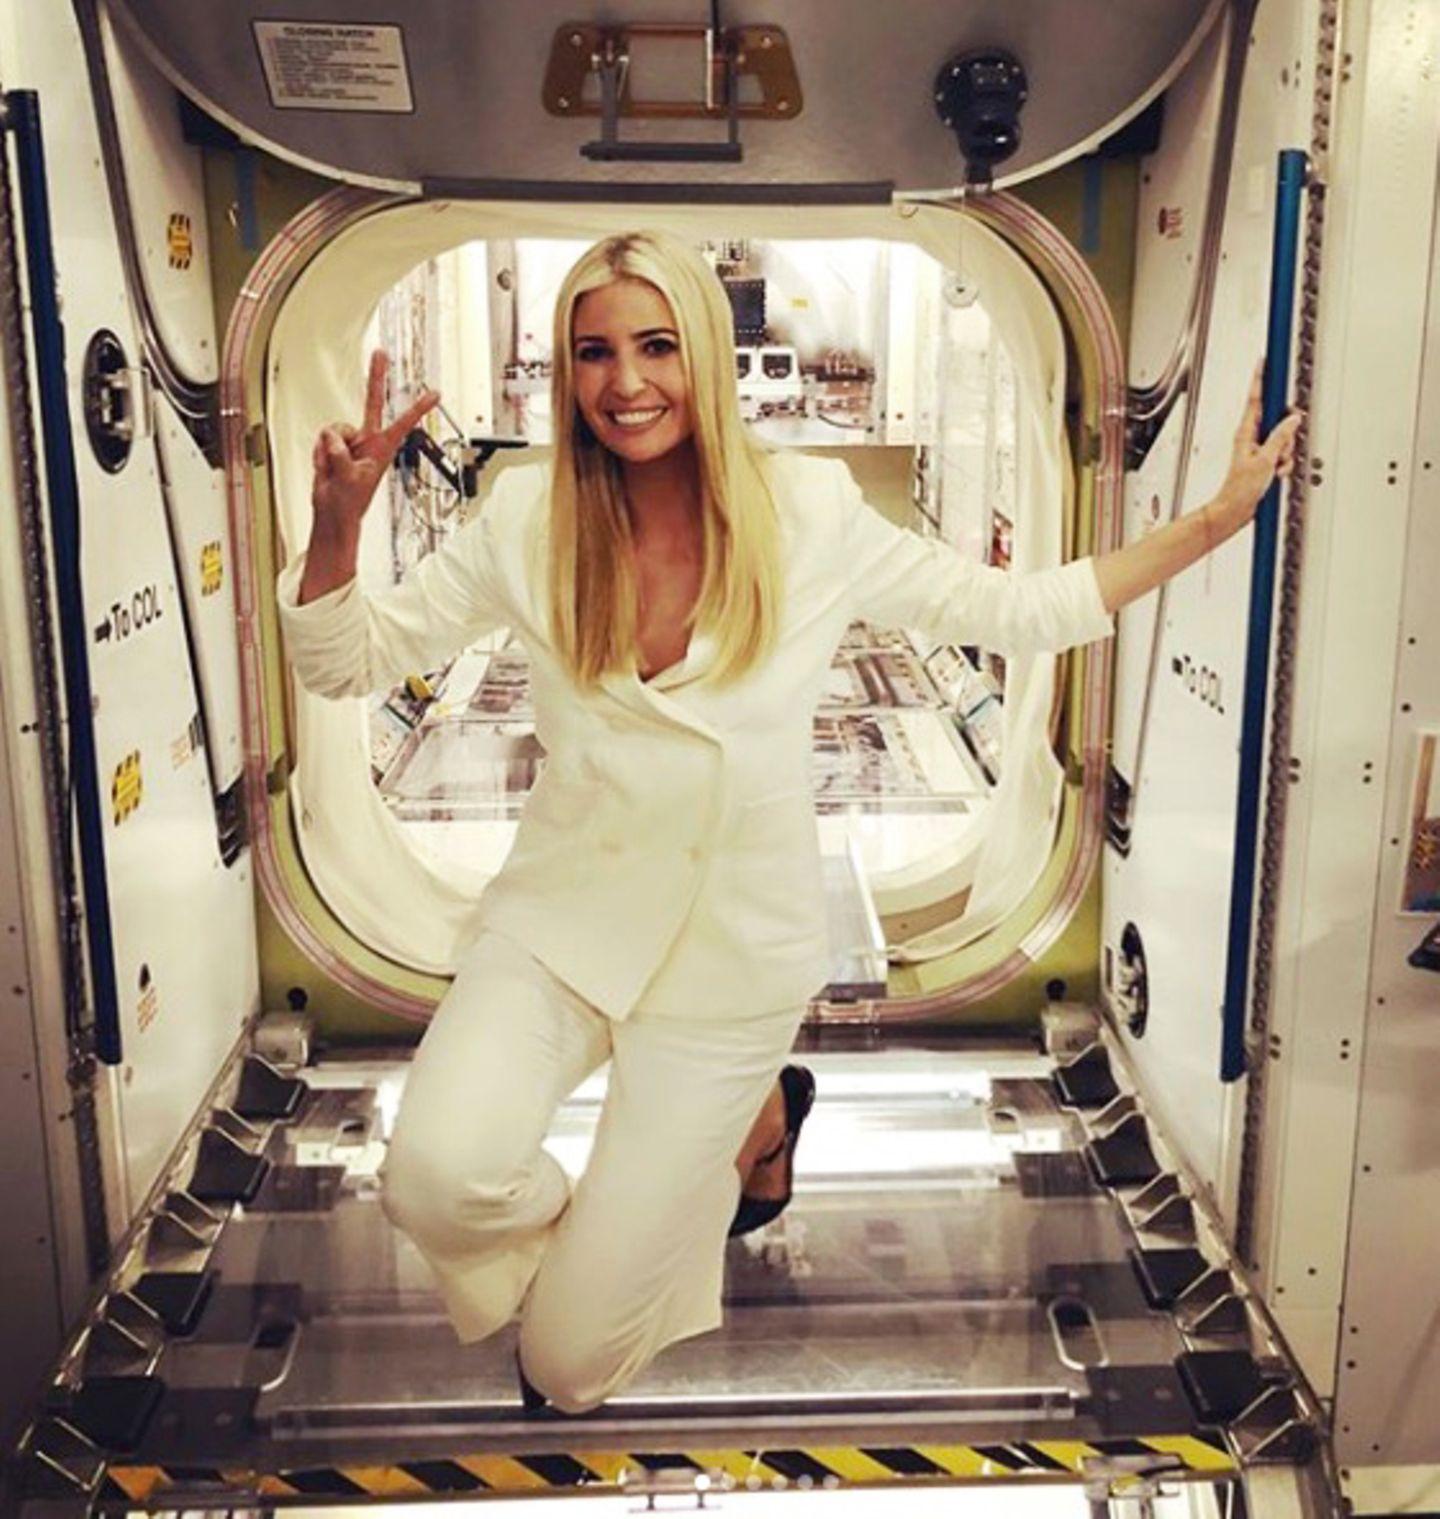 ... denn Ivanka posiert fröhlich herum. Es ist ihr anzusehen, wie sehr ihr der Besuch des NASA Johnson Space Centers gefällt. Ihrem Outfit gefallen die Posen der hübschen Blondine jedoch weniger gut.